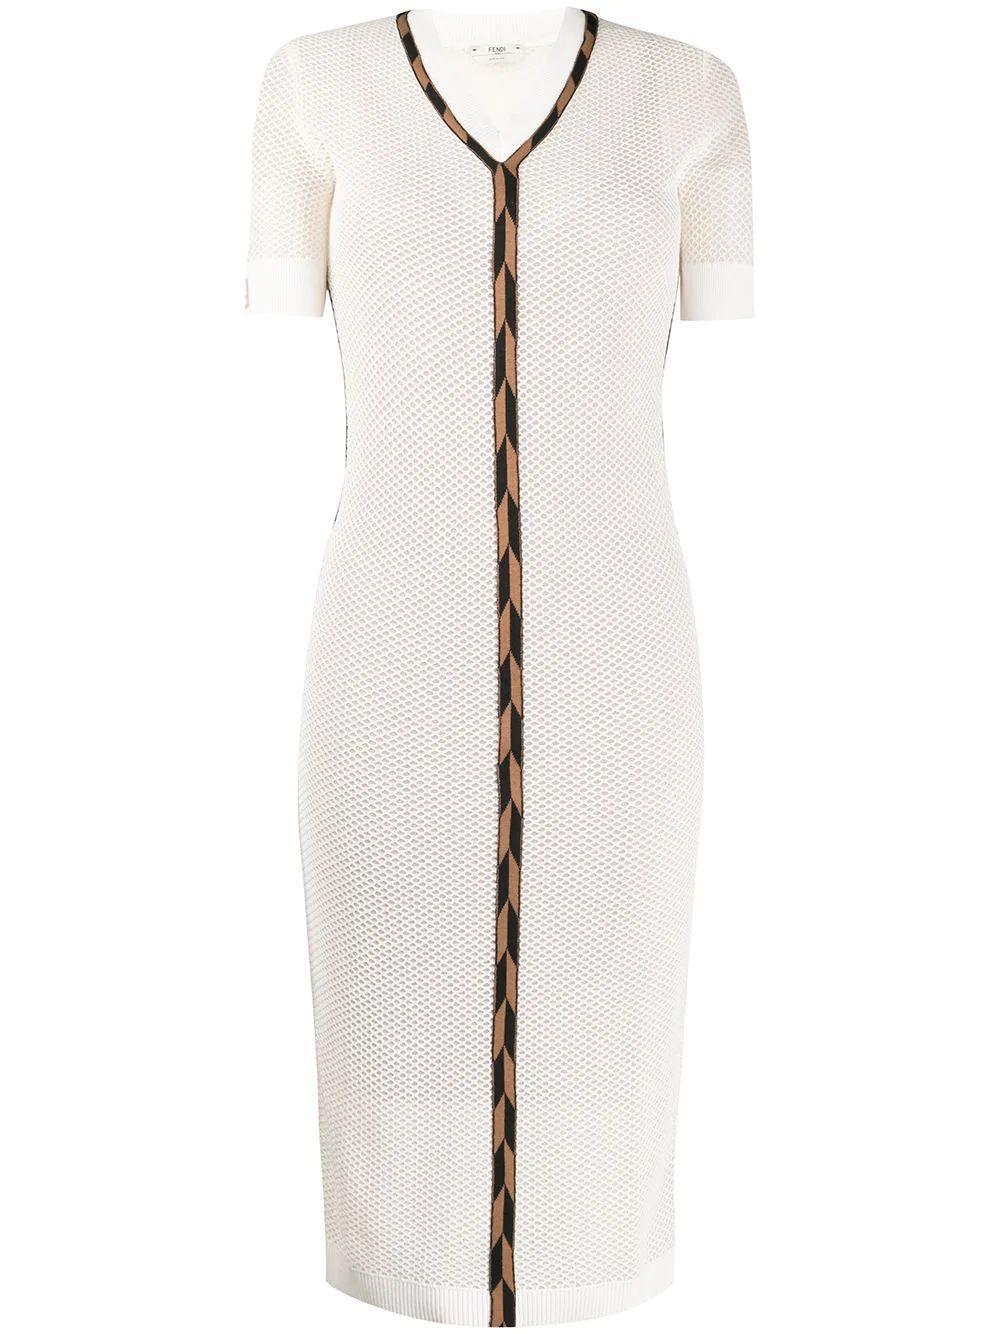 Micro Mesh V Neck Dress Item # FZD826-AAVH